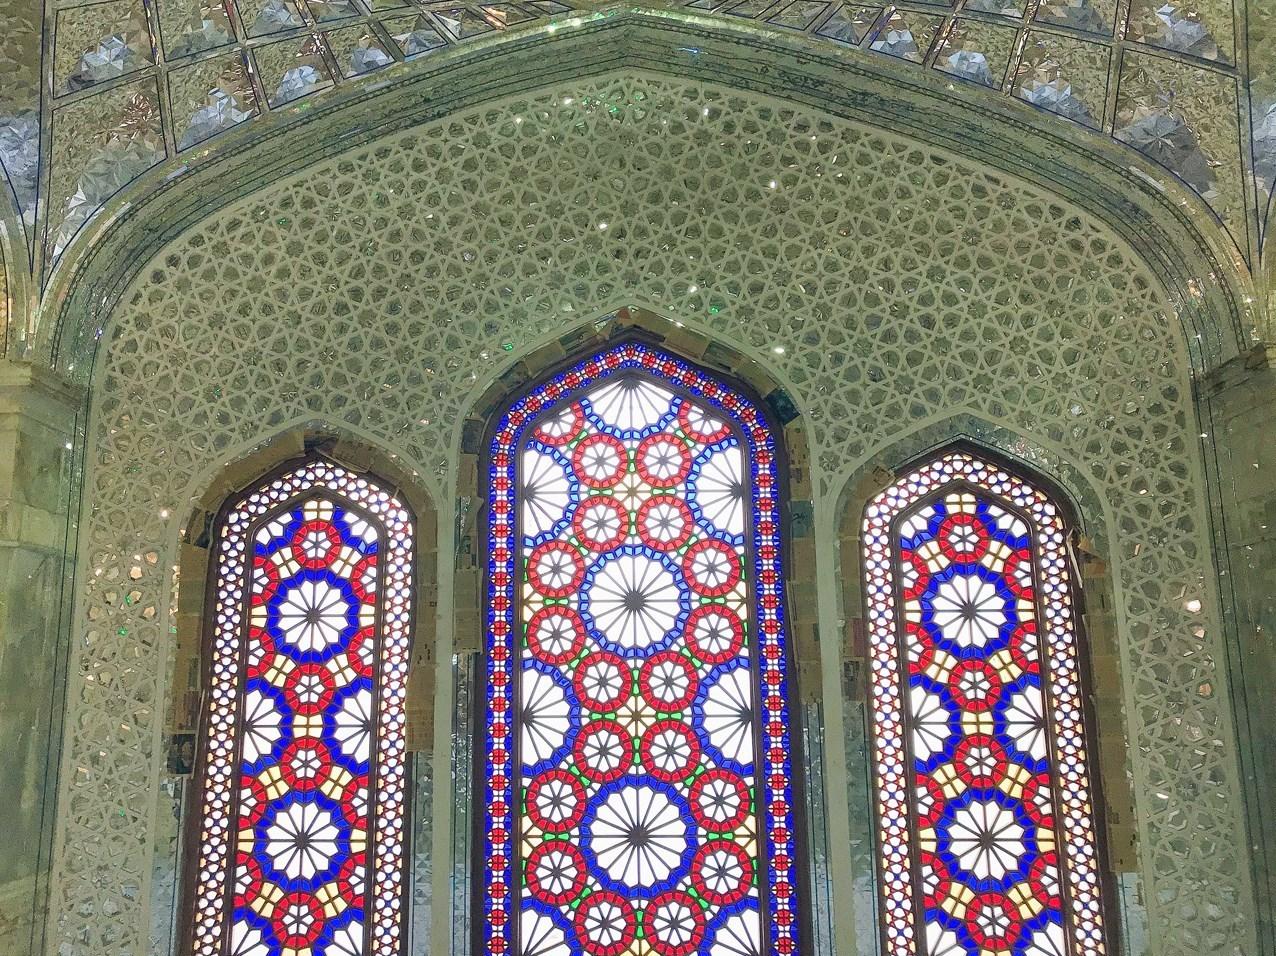 عتبات عالیات , ستاد بازسازی عتبات عالیات , حضرت زهرا , حرم حضرت علی علی(ع) , شهر نجف اشرف ,